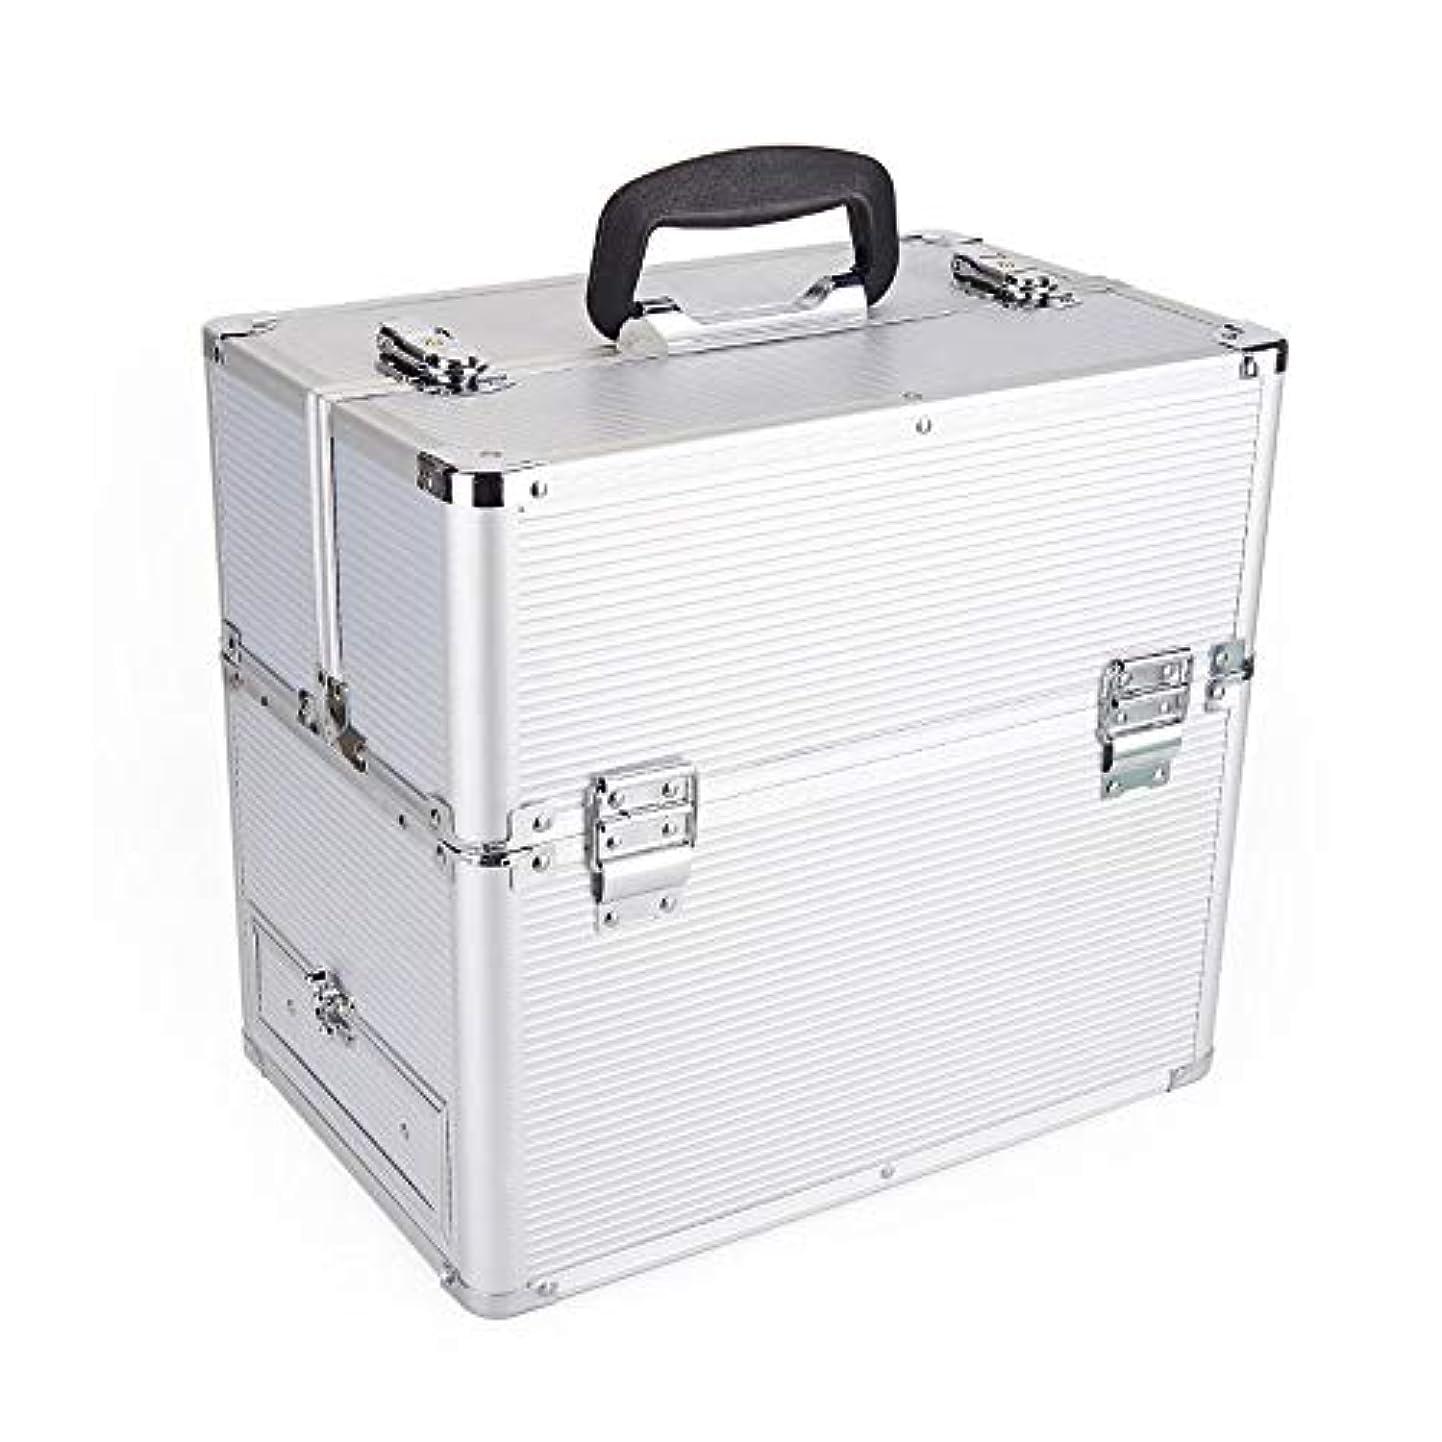 記念碑的な置くためにパック問い合わせる化粧オーガナイザーバッグ 2つの層アルミニウム化粧箱オーガナイザーバニティロック可能な美容メイクアップネイルジュエリーポータブルケース収納ボックス 化粧品ケース